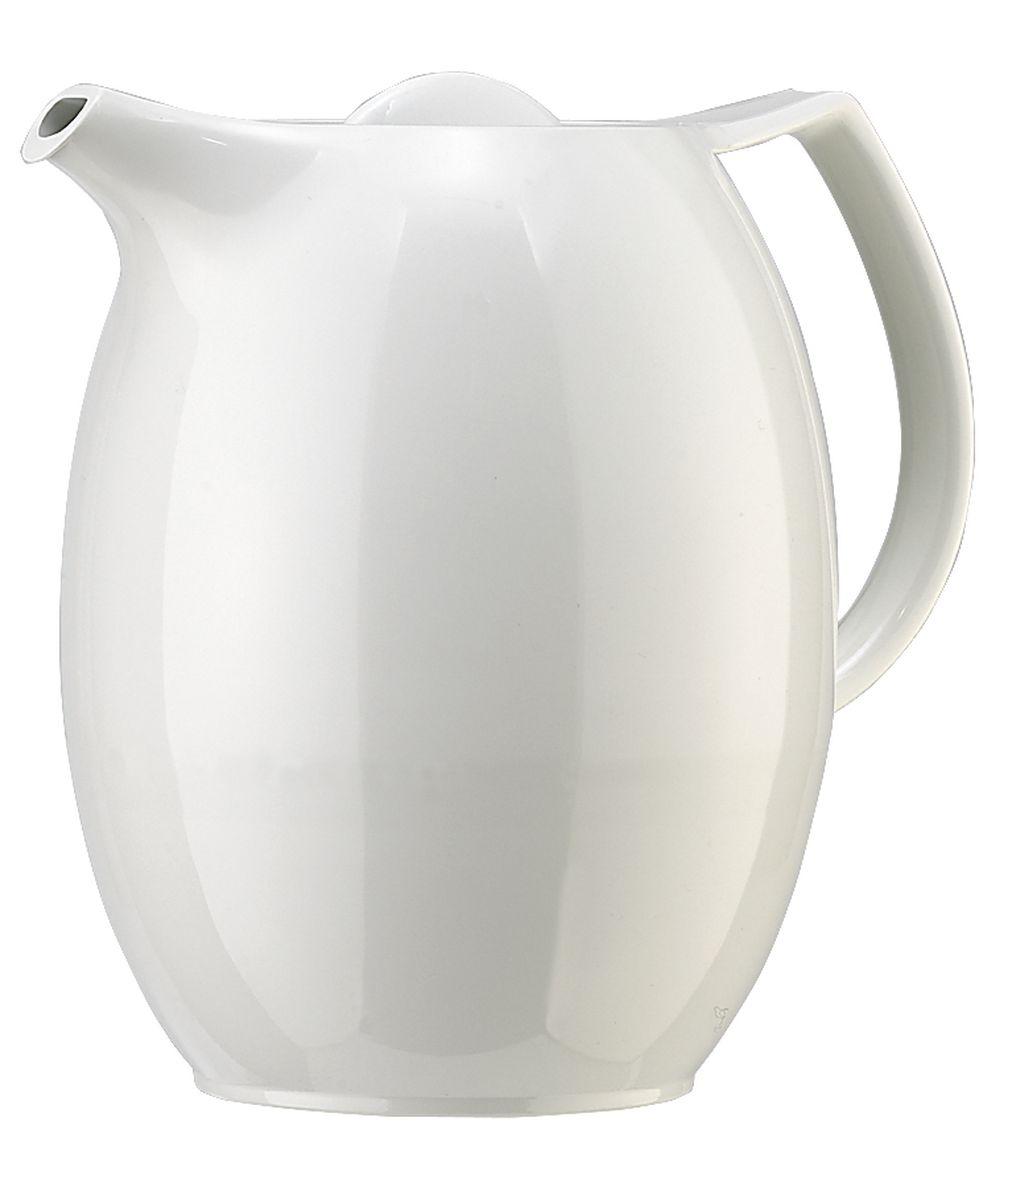 Термос-чайник Emsa Ellipse, с ситечком, цвет: белый, 1 л. 503692503692Чайник с ситечком и завинчивающейся пробкой. Объём: 1,0 л. Классический дизайн. С высококачественной вакуумной стеклянной колбой. 100 % герметичный. В комплекте с фильтром для чая Aroma. Высококачественная имитация фарфора. Гарантия 5 лет.